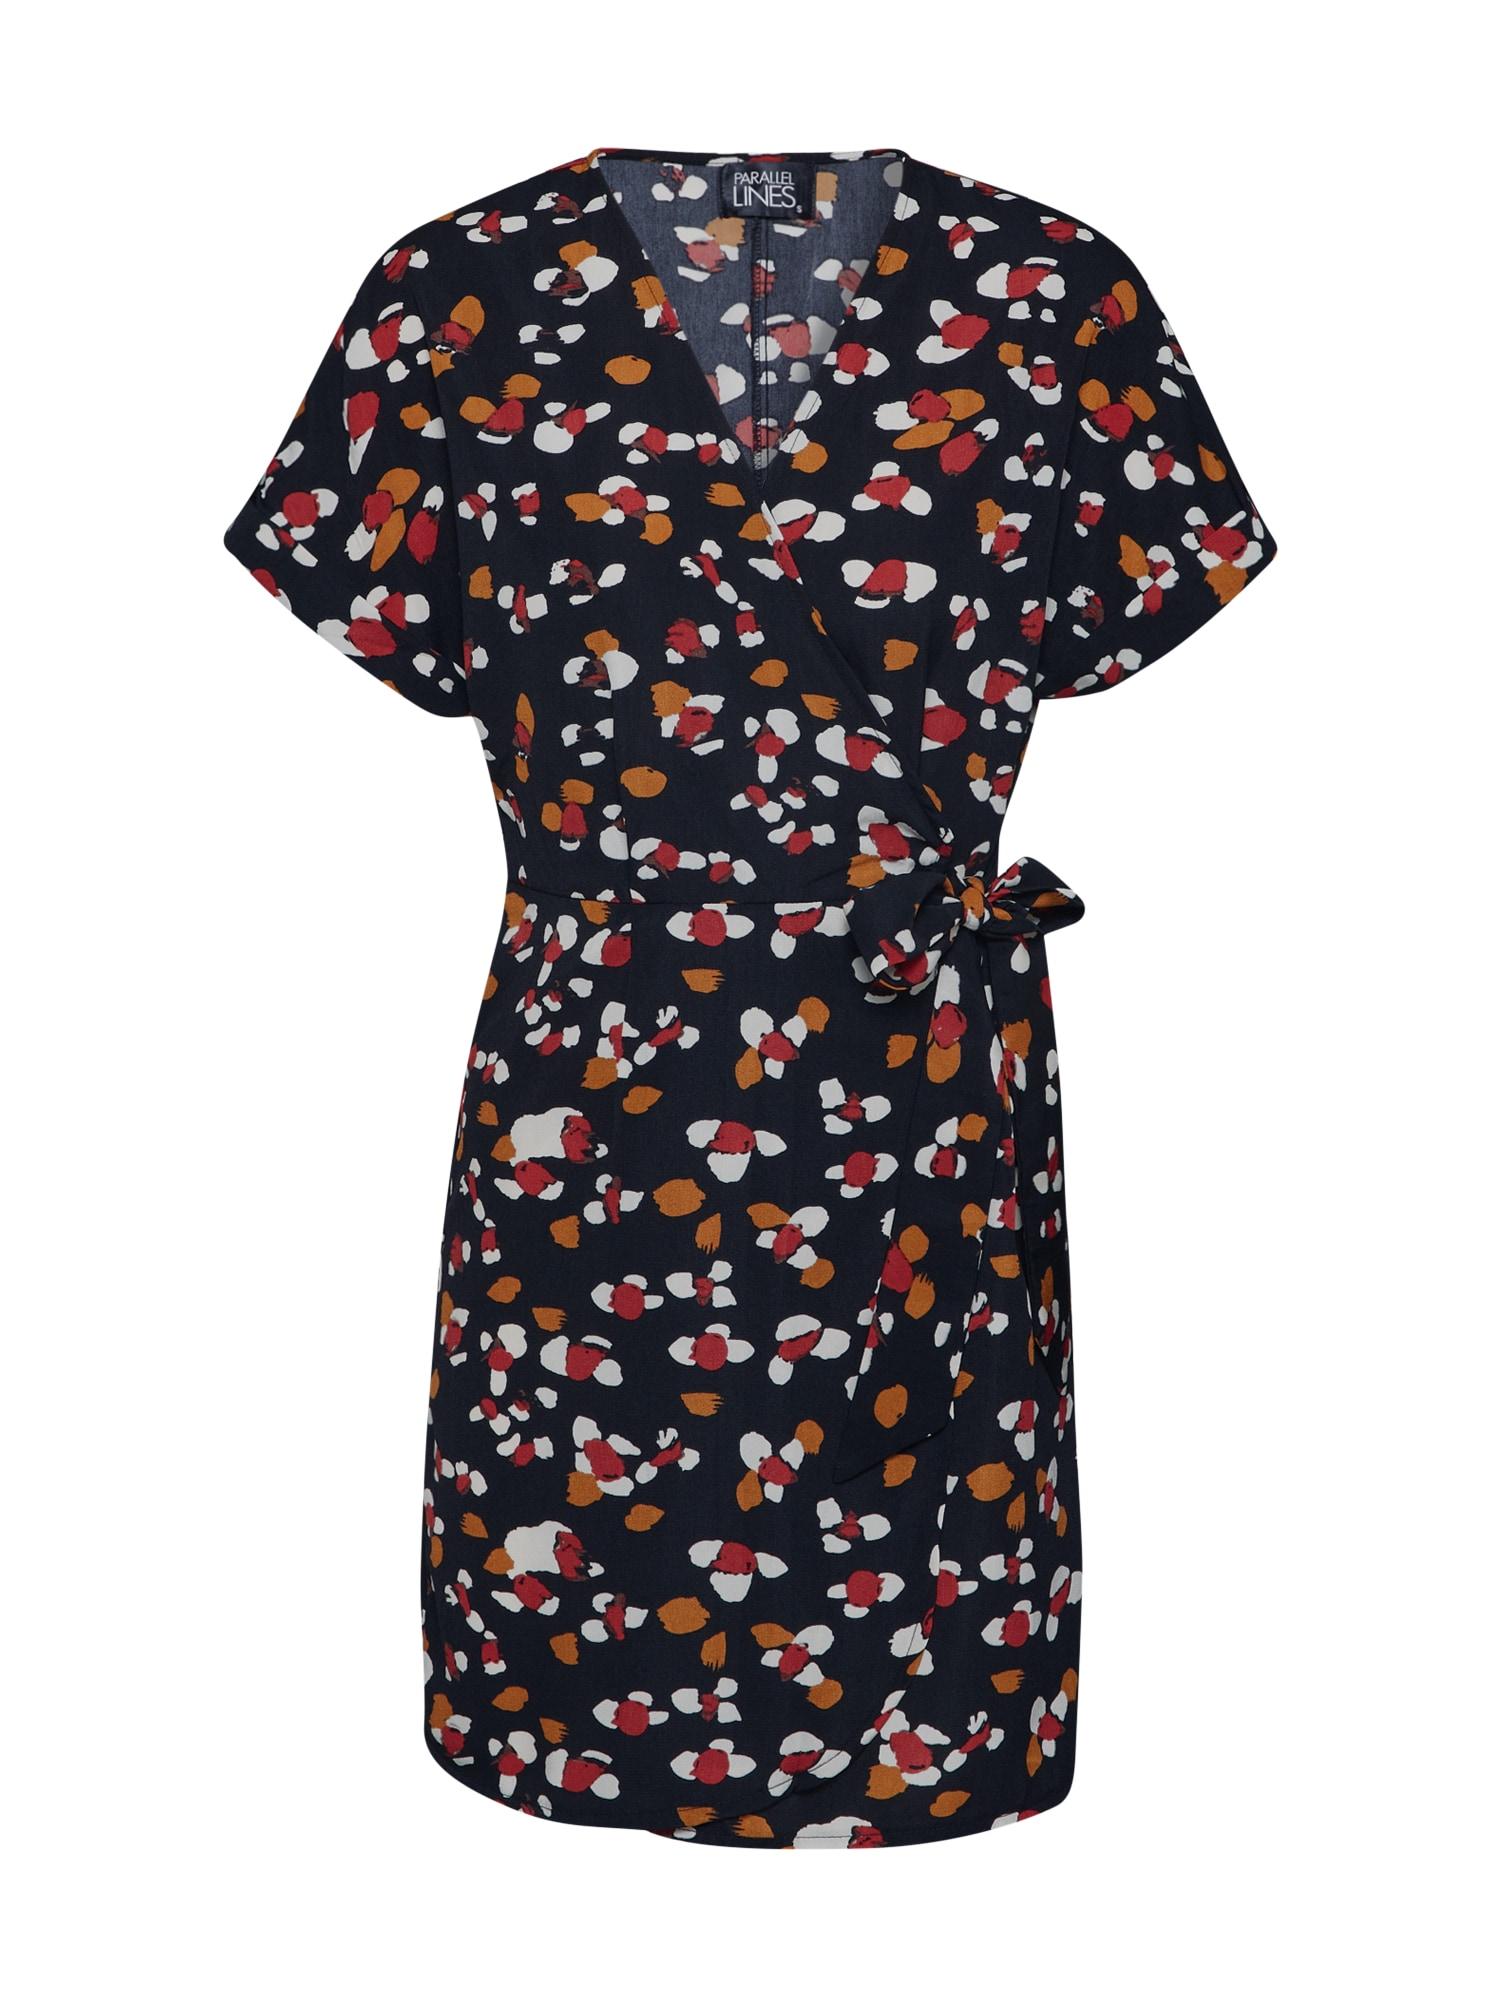 Parallel Lines Vasarinė suknelė